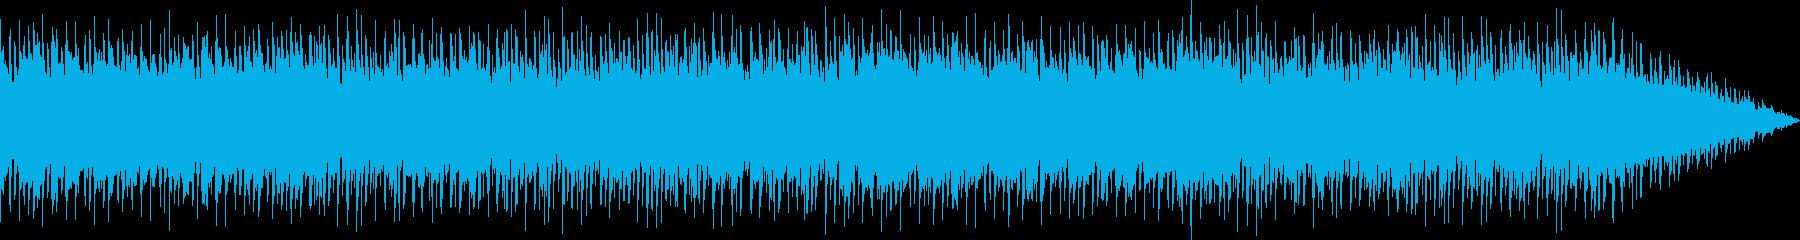 ファンタジーゲームのタイトルを想定した…の再生済みの波形